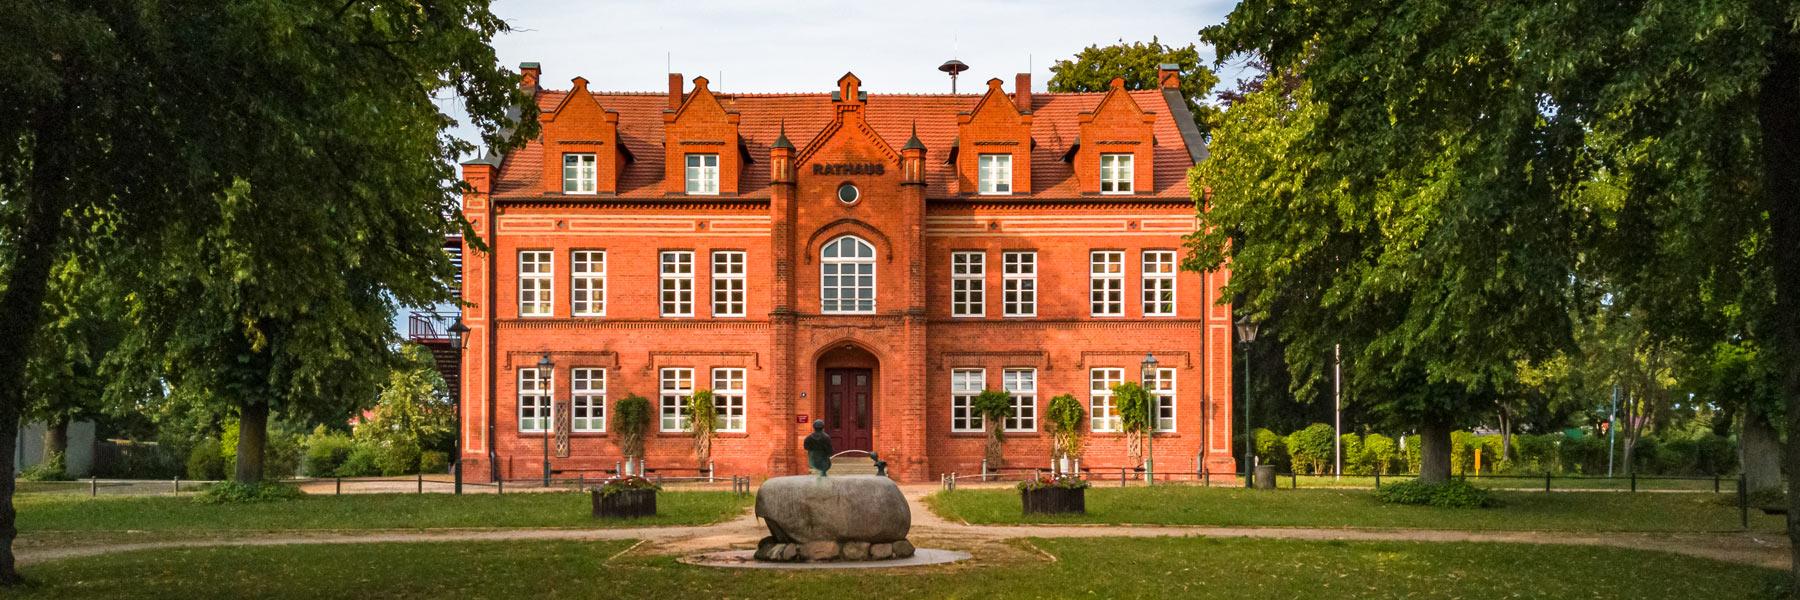 Rathaus - Stadt Dargun